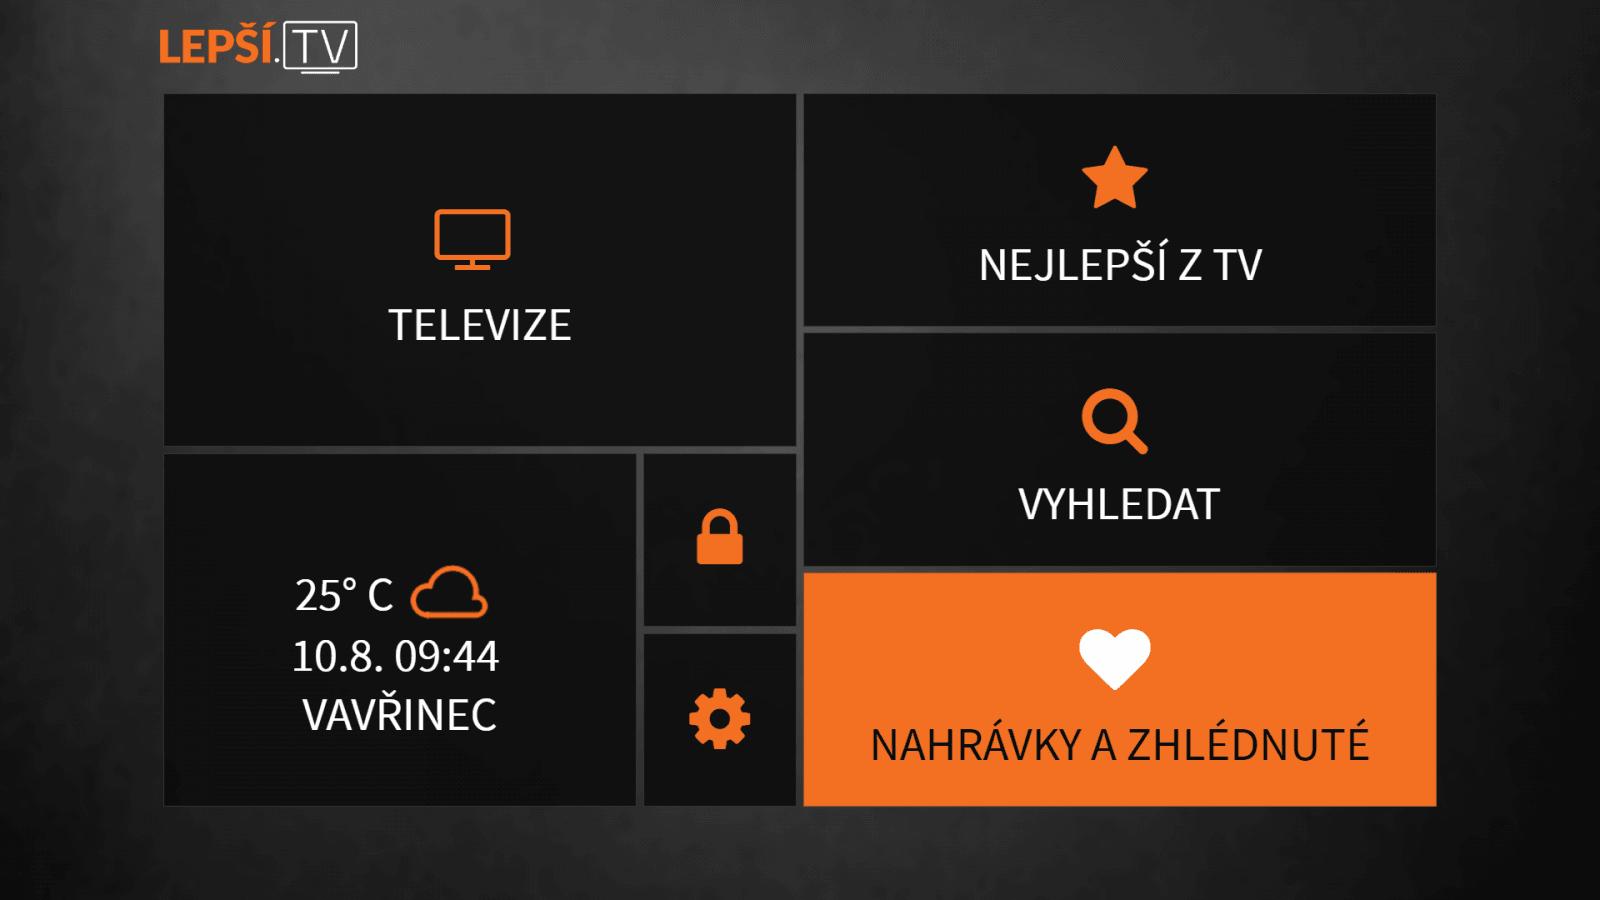 Zhlédnuté pořady na Lepší.TV